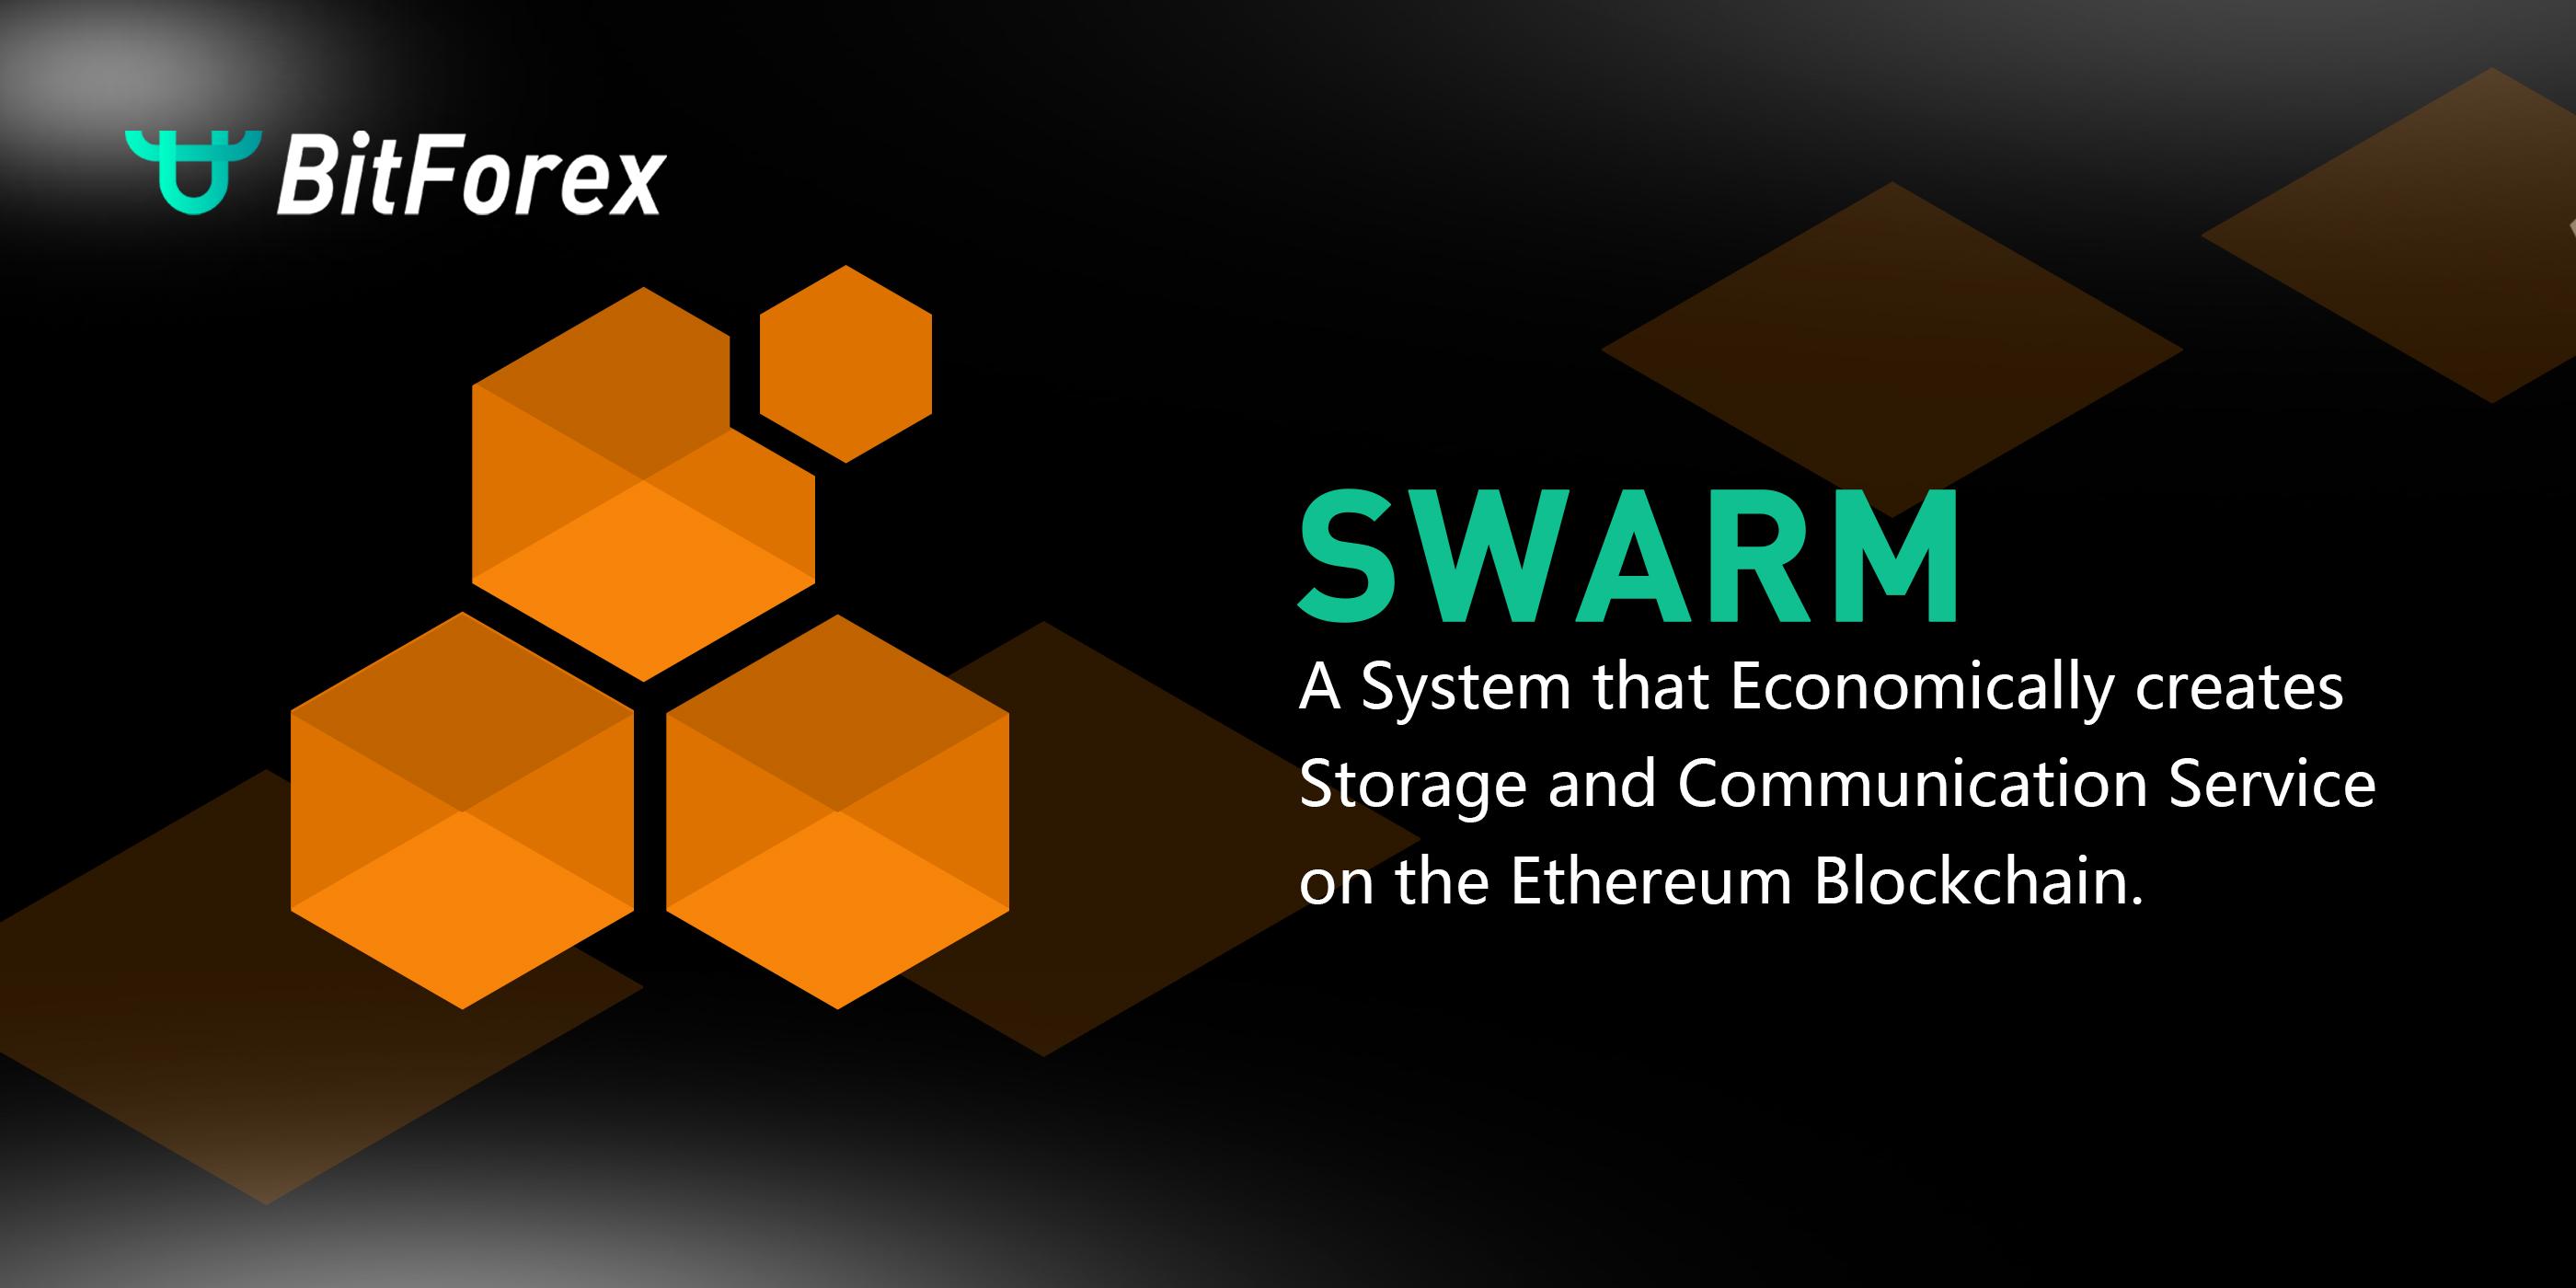 Brief Description for Swarm